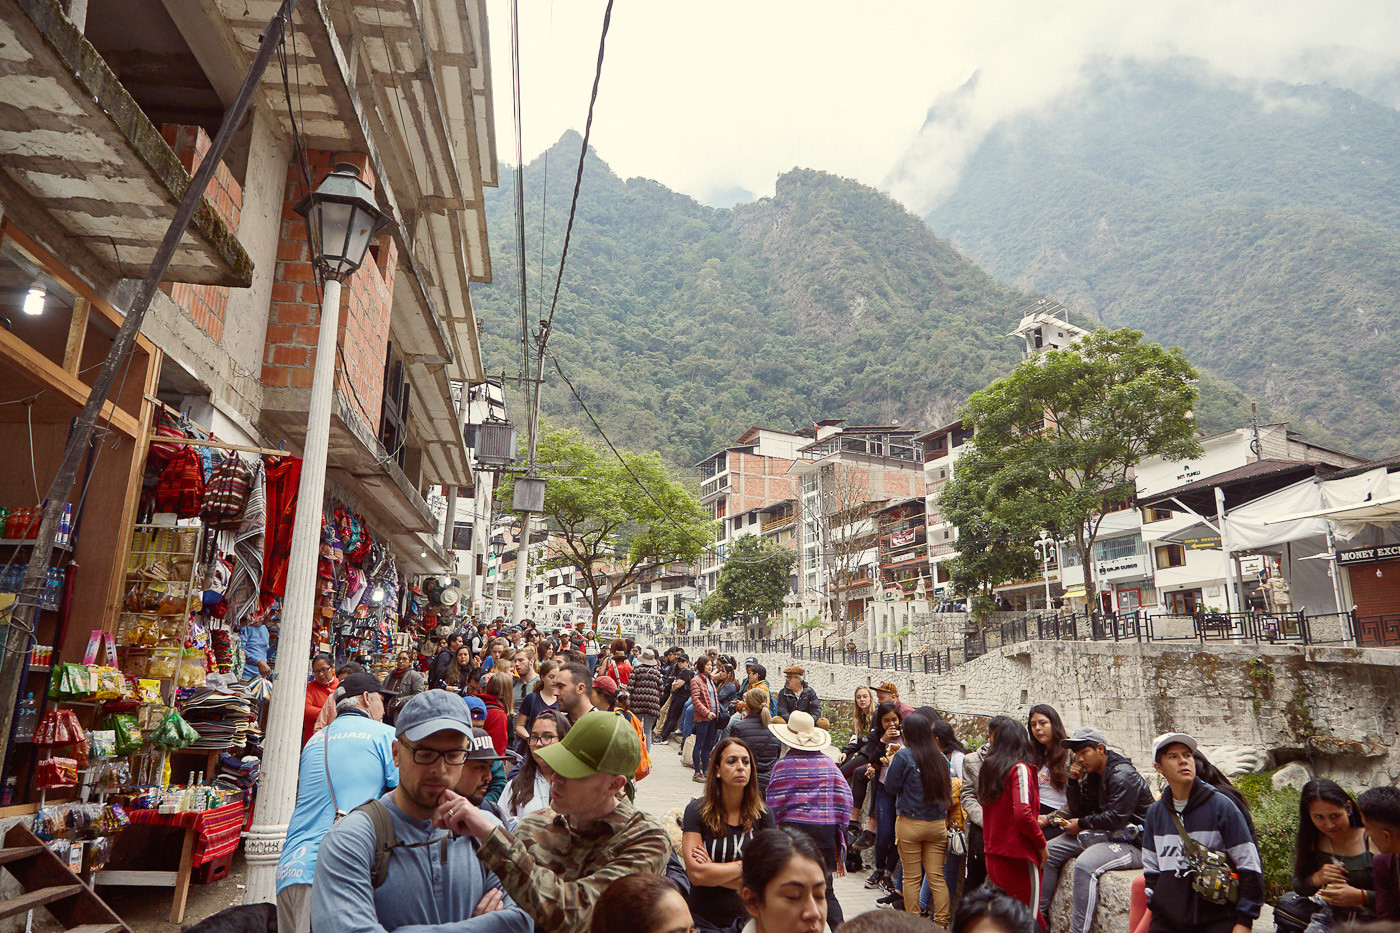 Massen an Touristen warten auf die Busse nach Machu Picchu